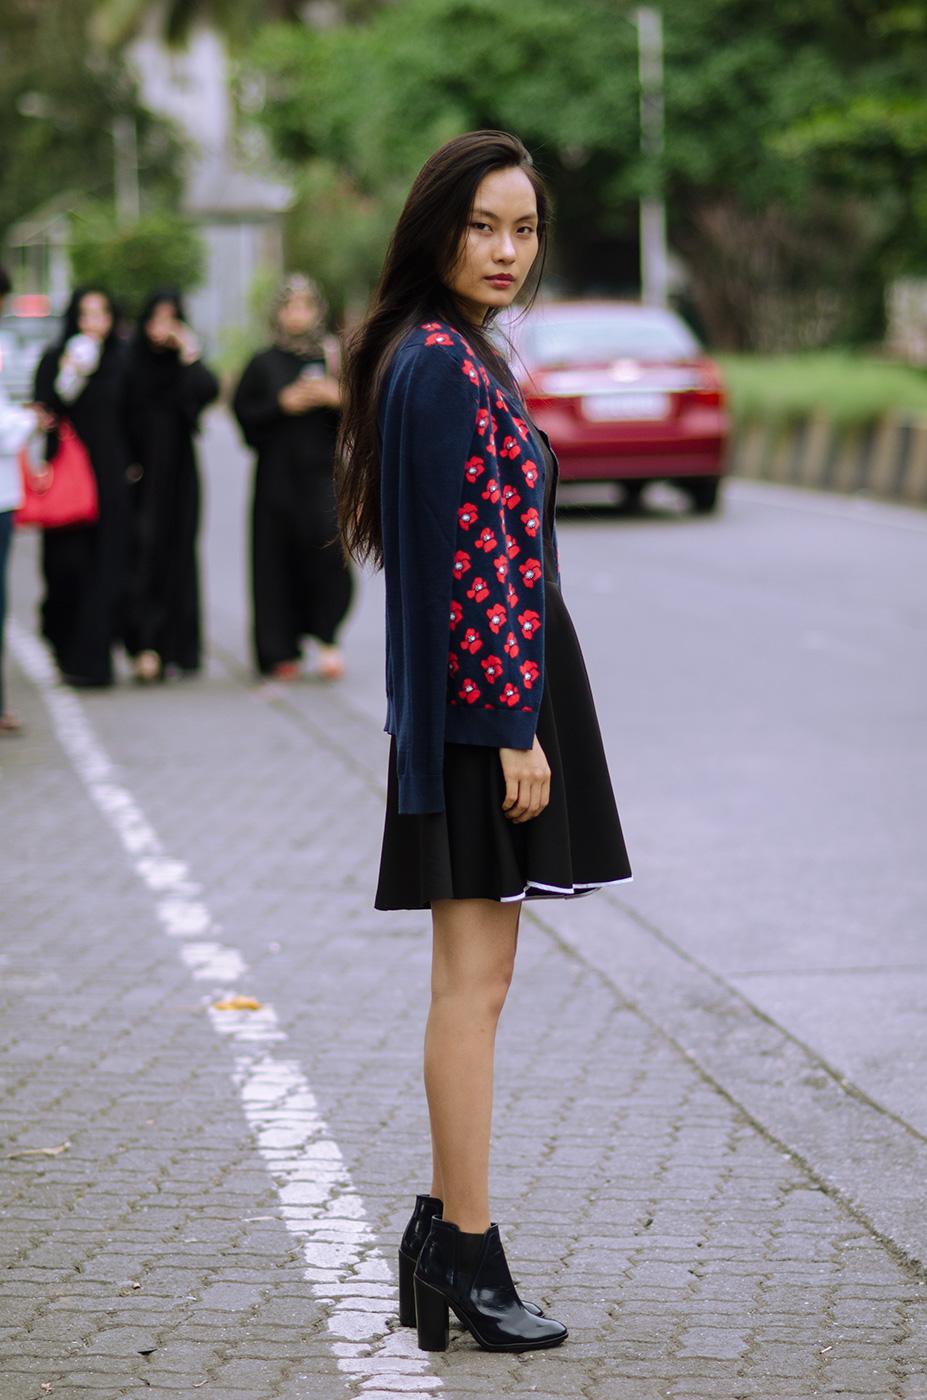 street style mumbai wearabout